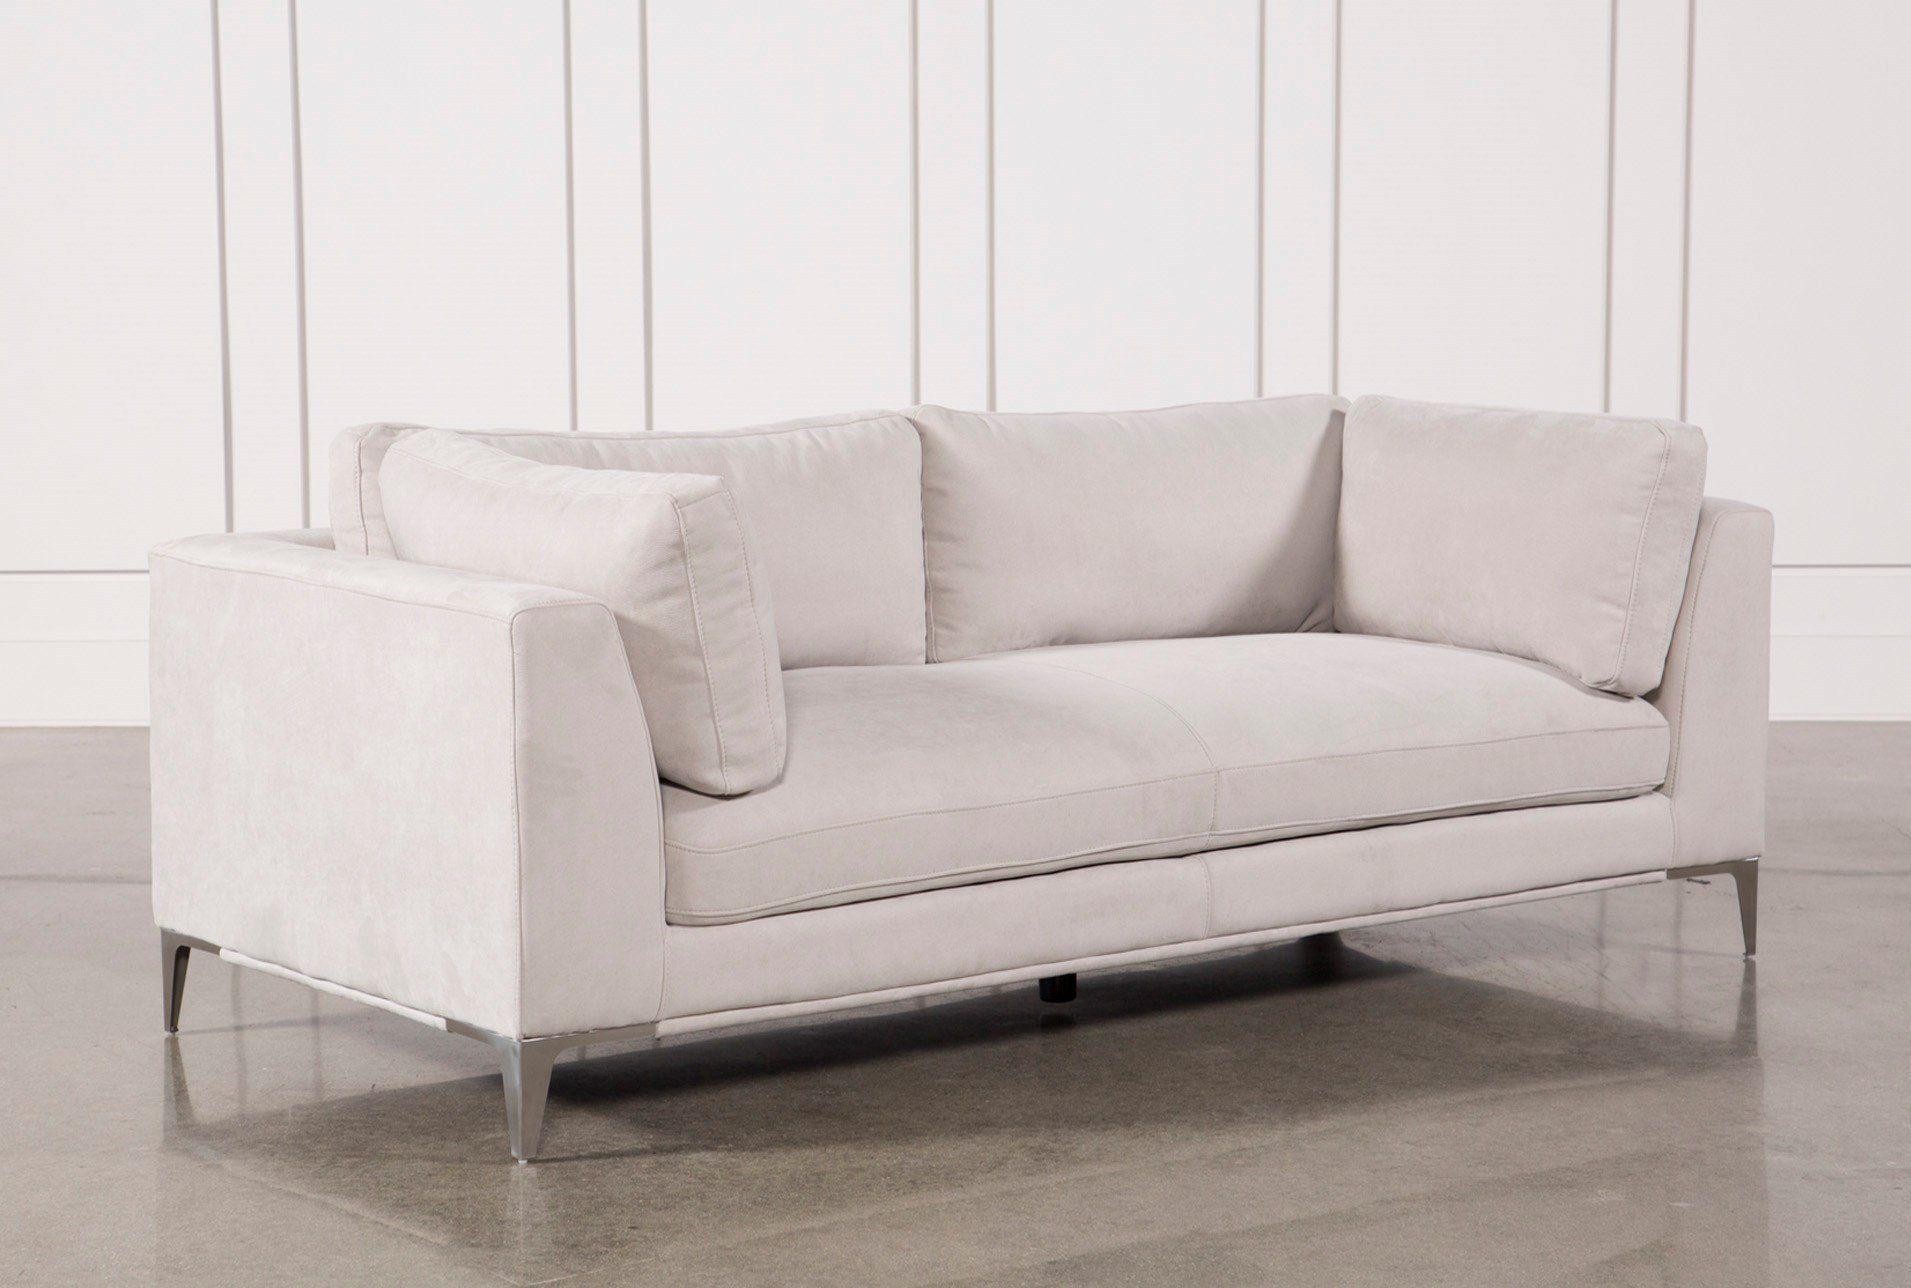 Apollo Light Grey Sofa W/2 Pillows Pertaining To Escondido Sofa Chairs (Image 5 of 25)